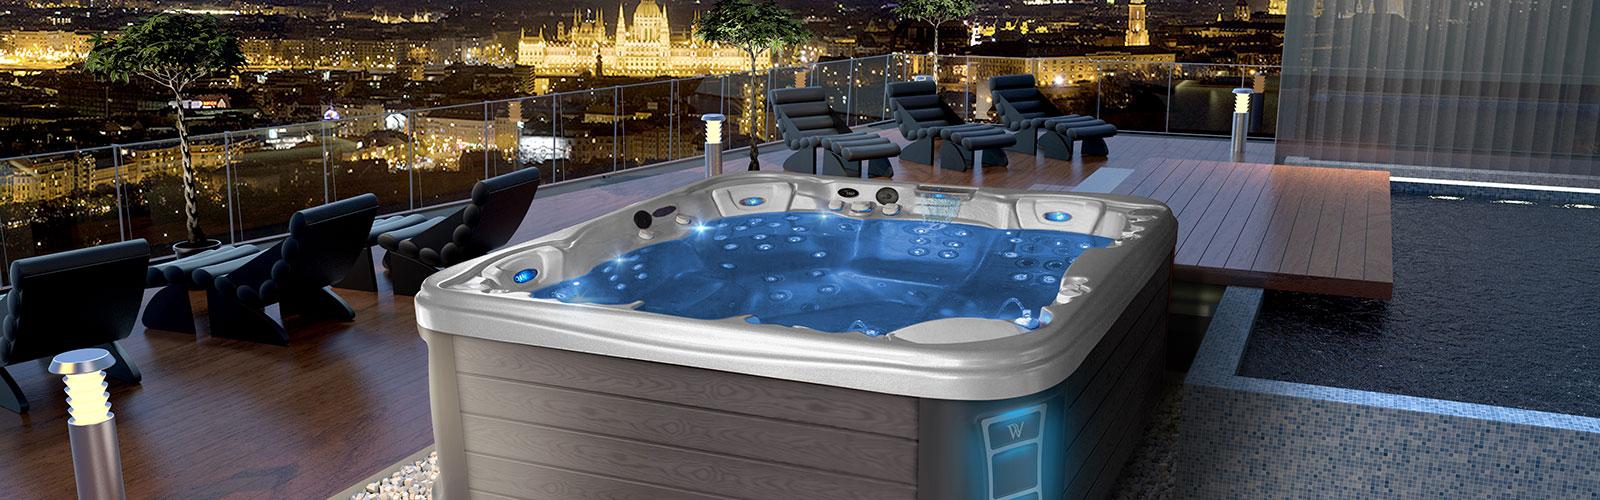 Vendiamo piscine fuori terra e piscine in vetroresina - Piscina vetroresina usata ...